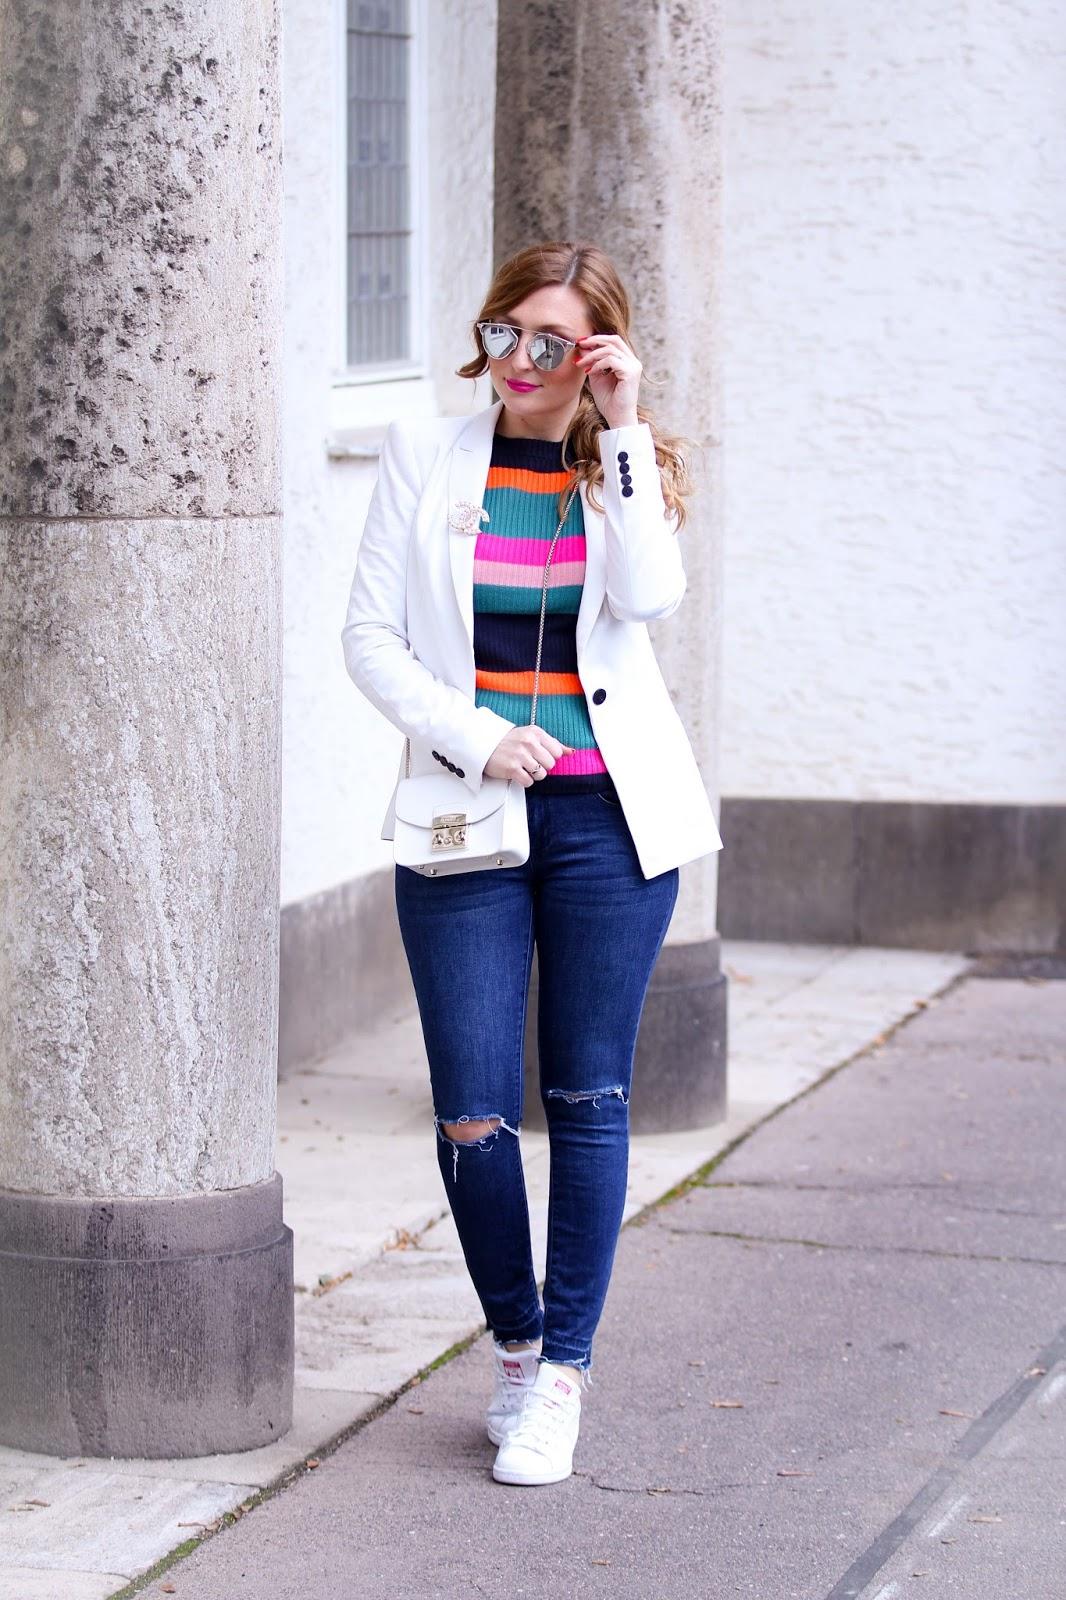 ringelpullover-Fashionblogger-aus-deutschland-fashionstylebyjohanna